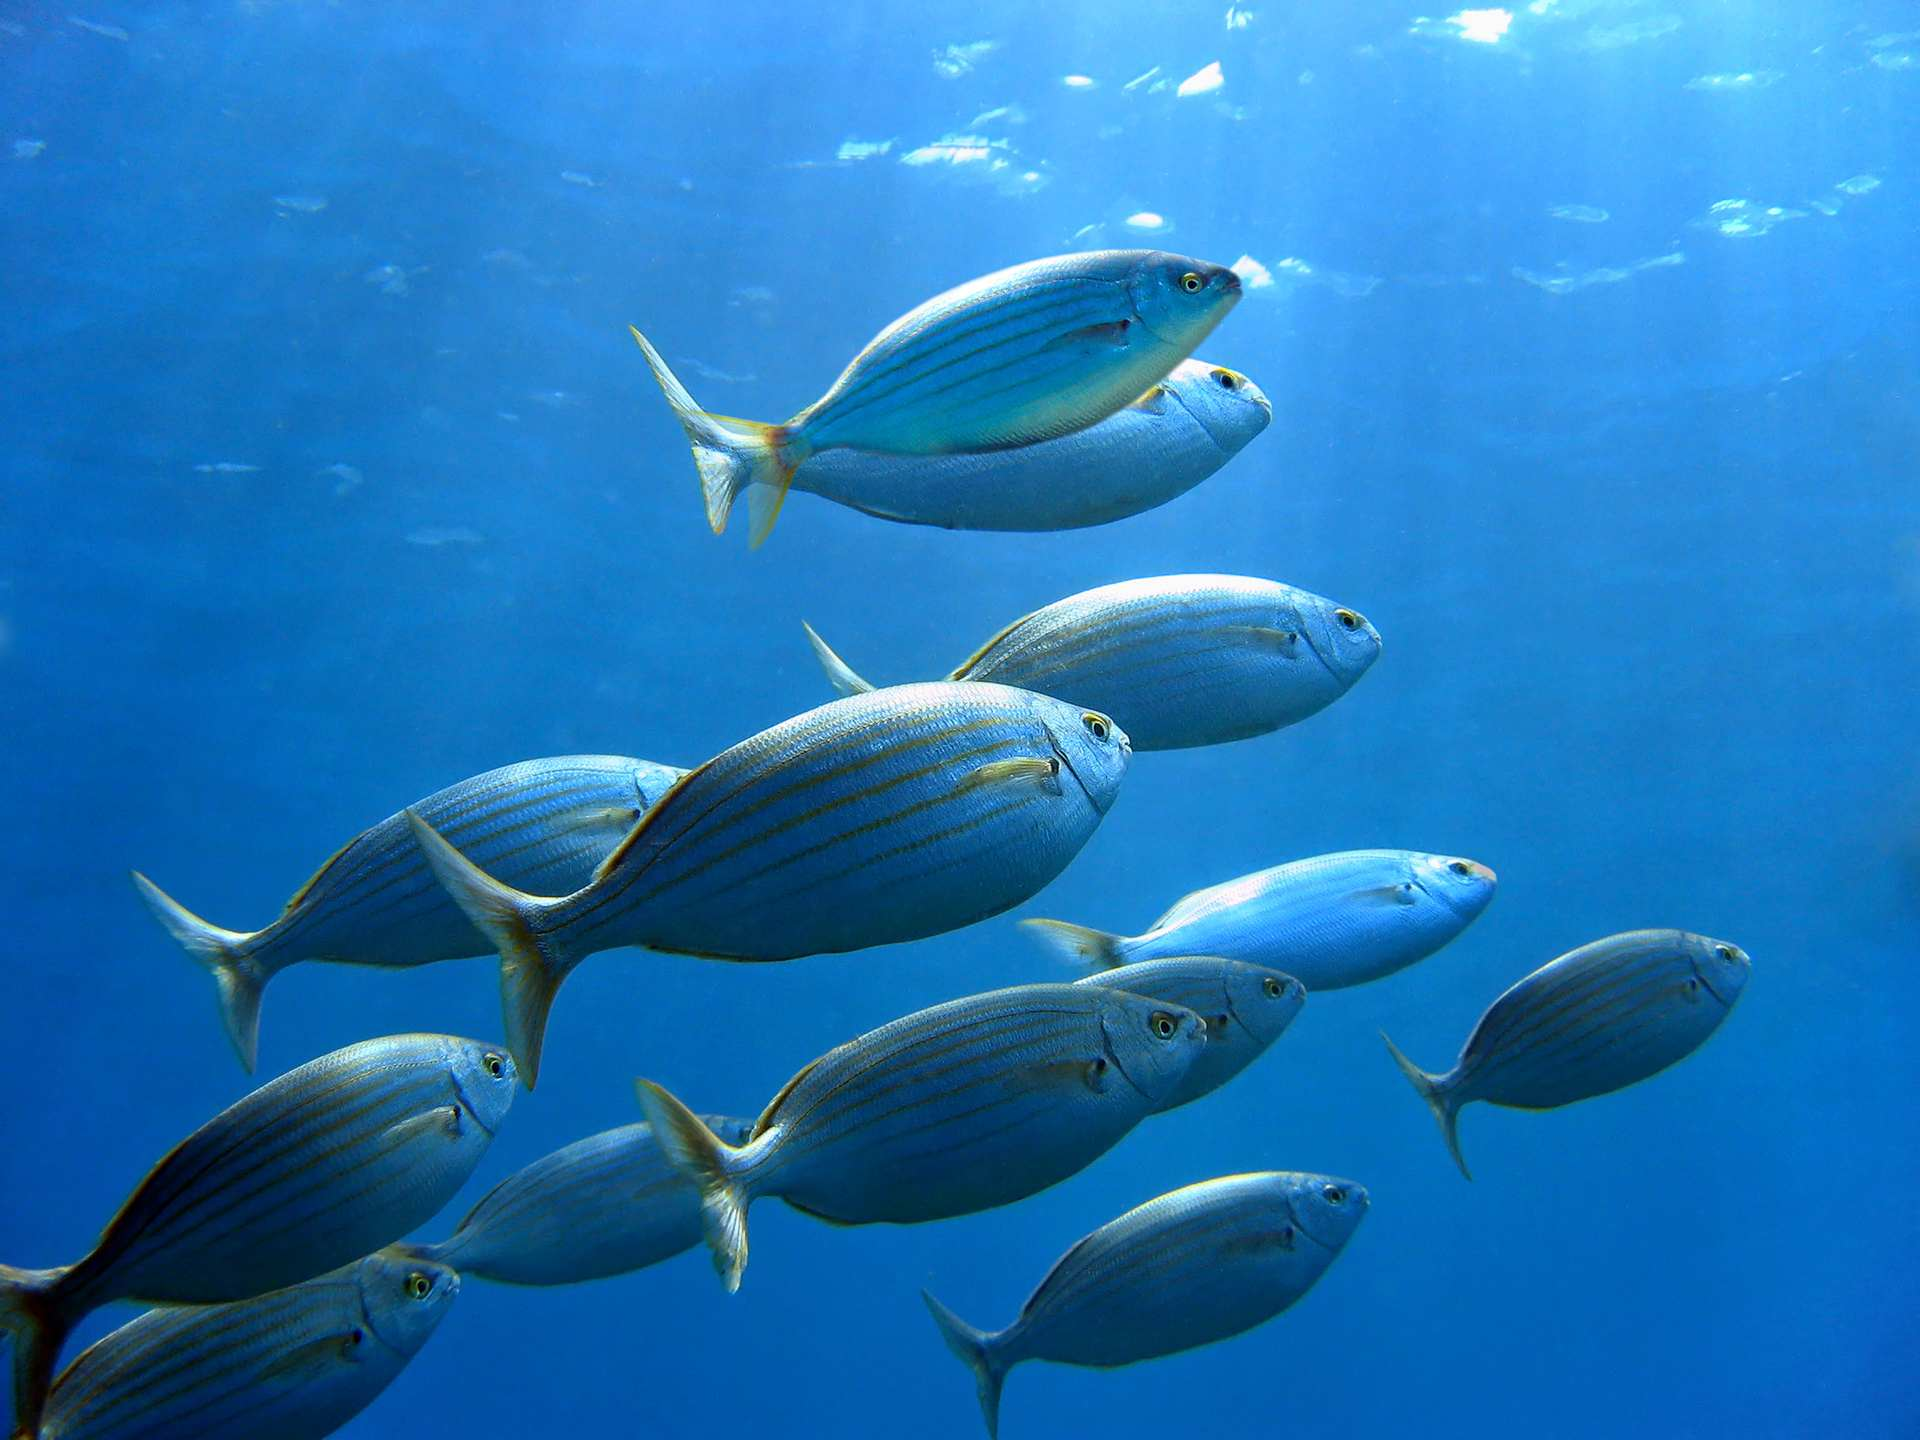 """""""Ihtiofauna Jadranskog mora"""" vrijedan je doprinos znanstvenicima i fanovima ribarstva"""